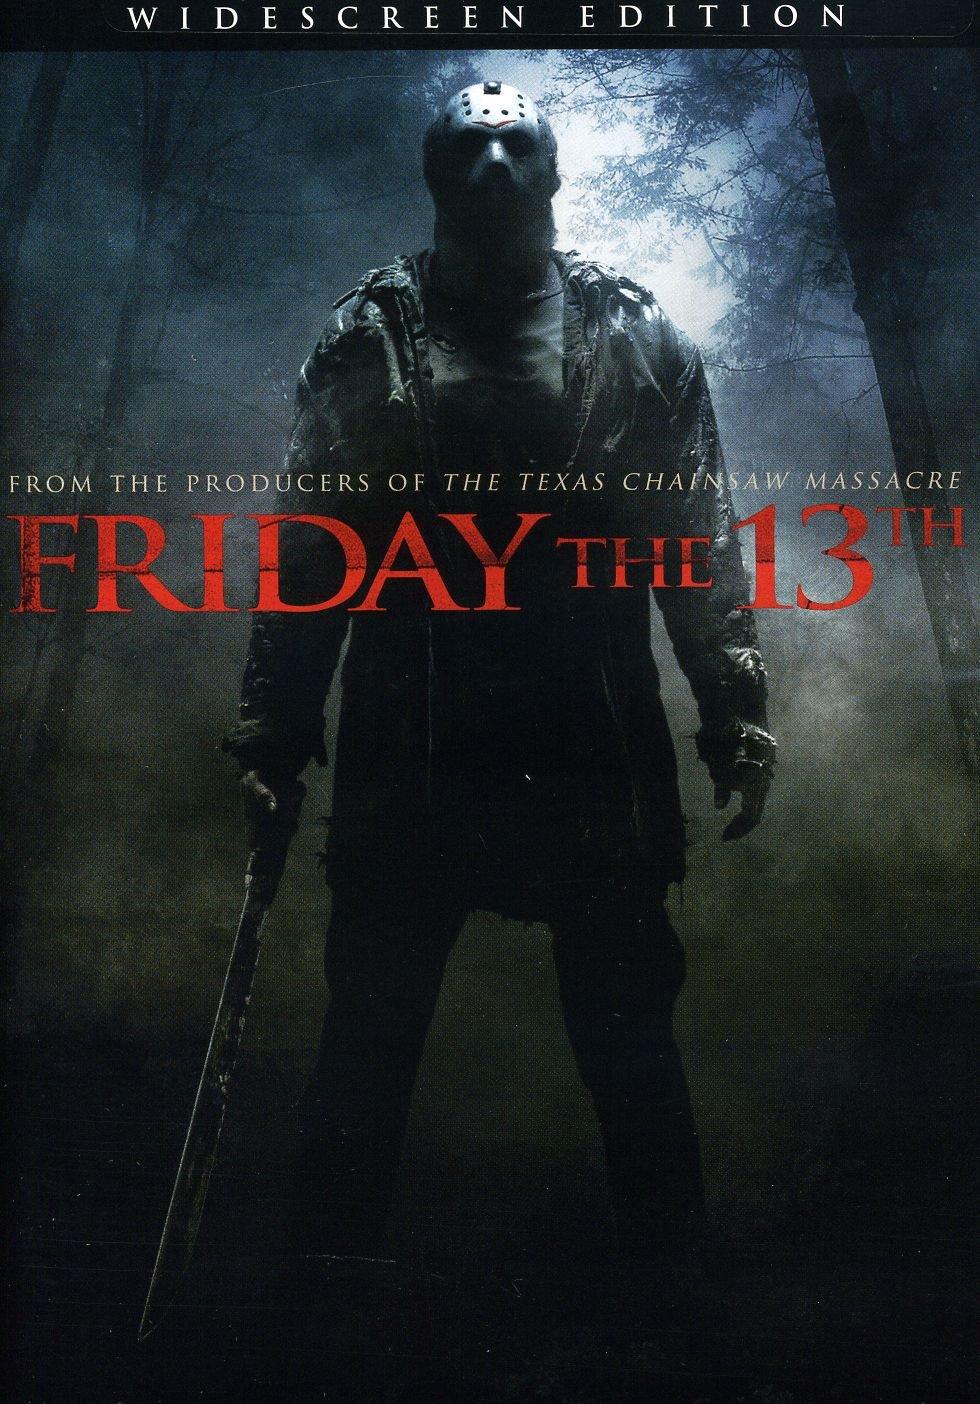 პარასკევს 13-ში / Friday the 13th